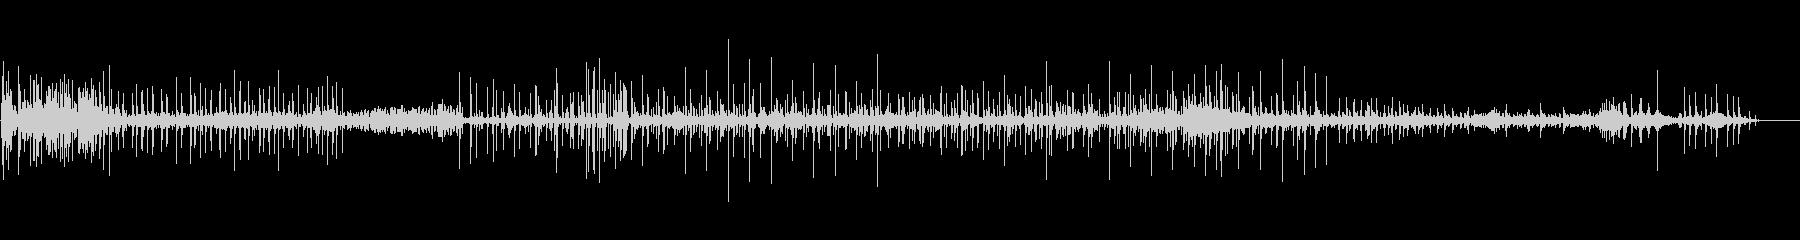 ドラム-ストリートミュージシャンの未再生の波形